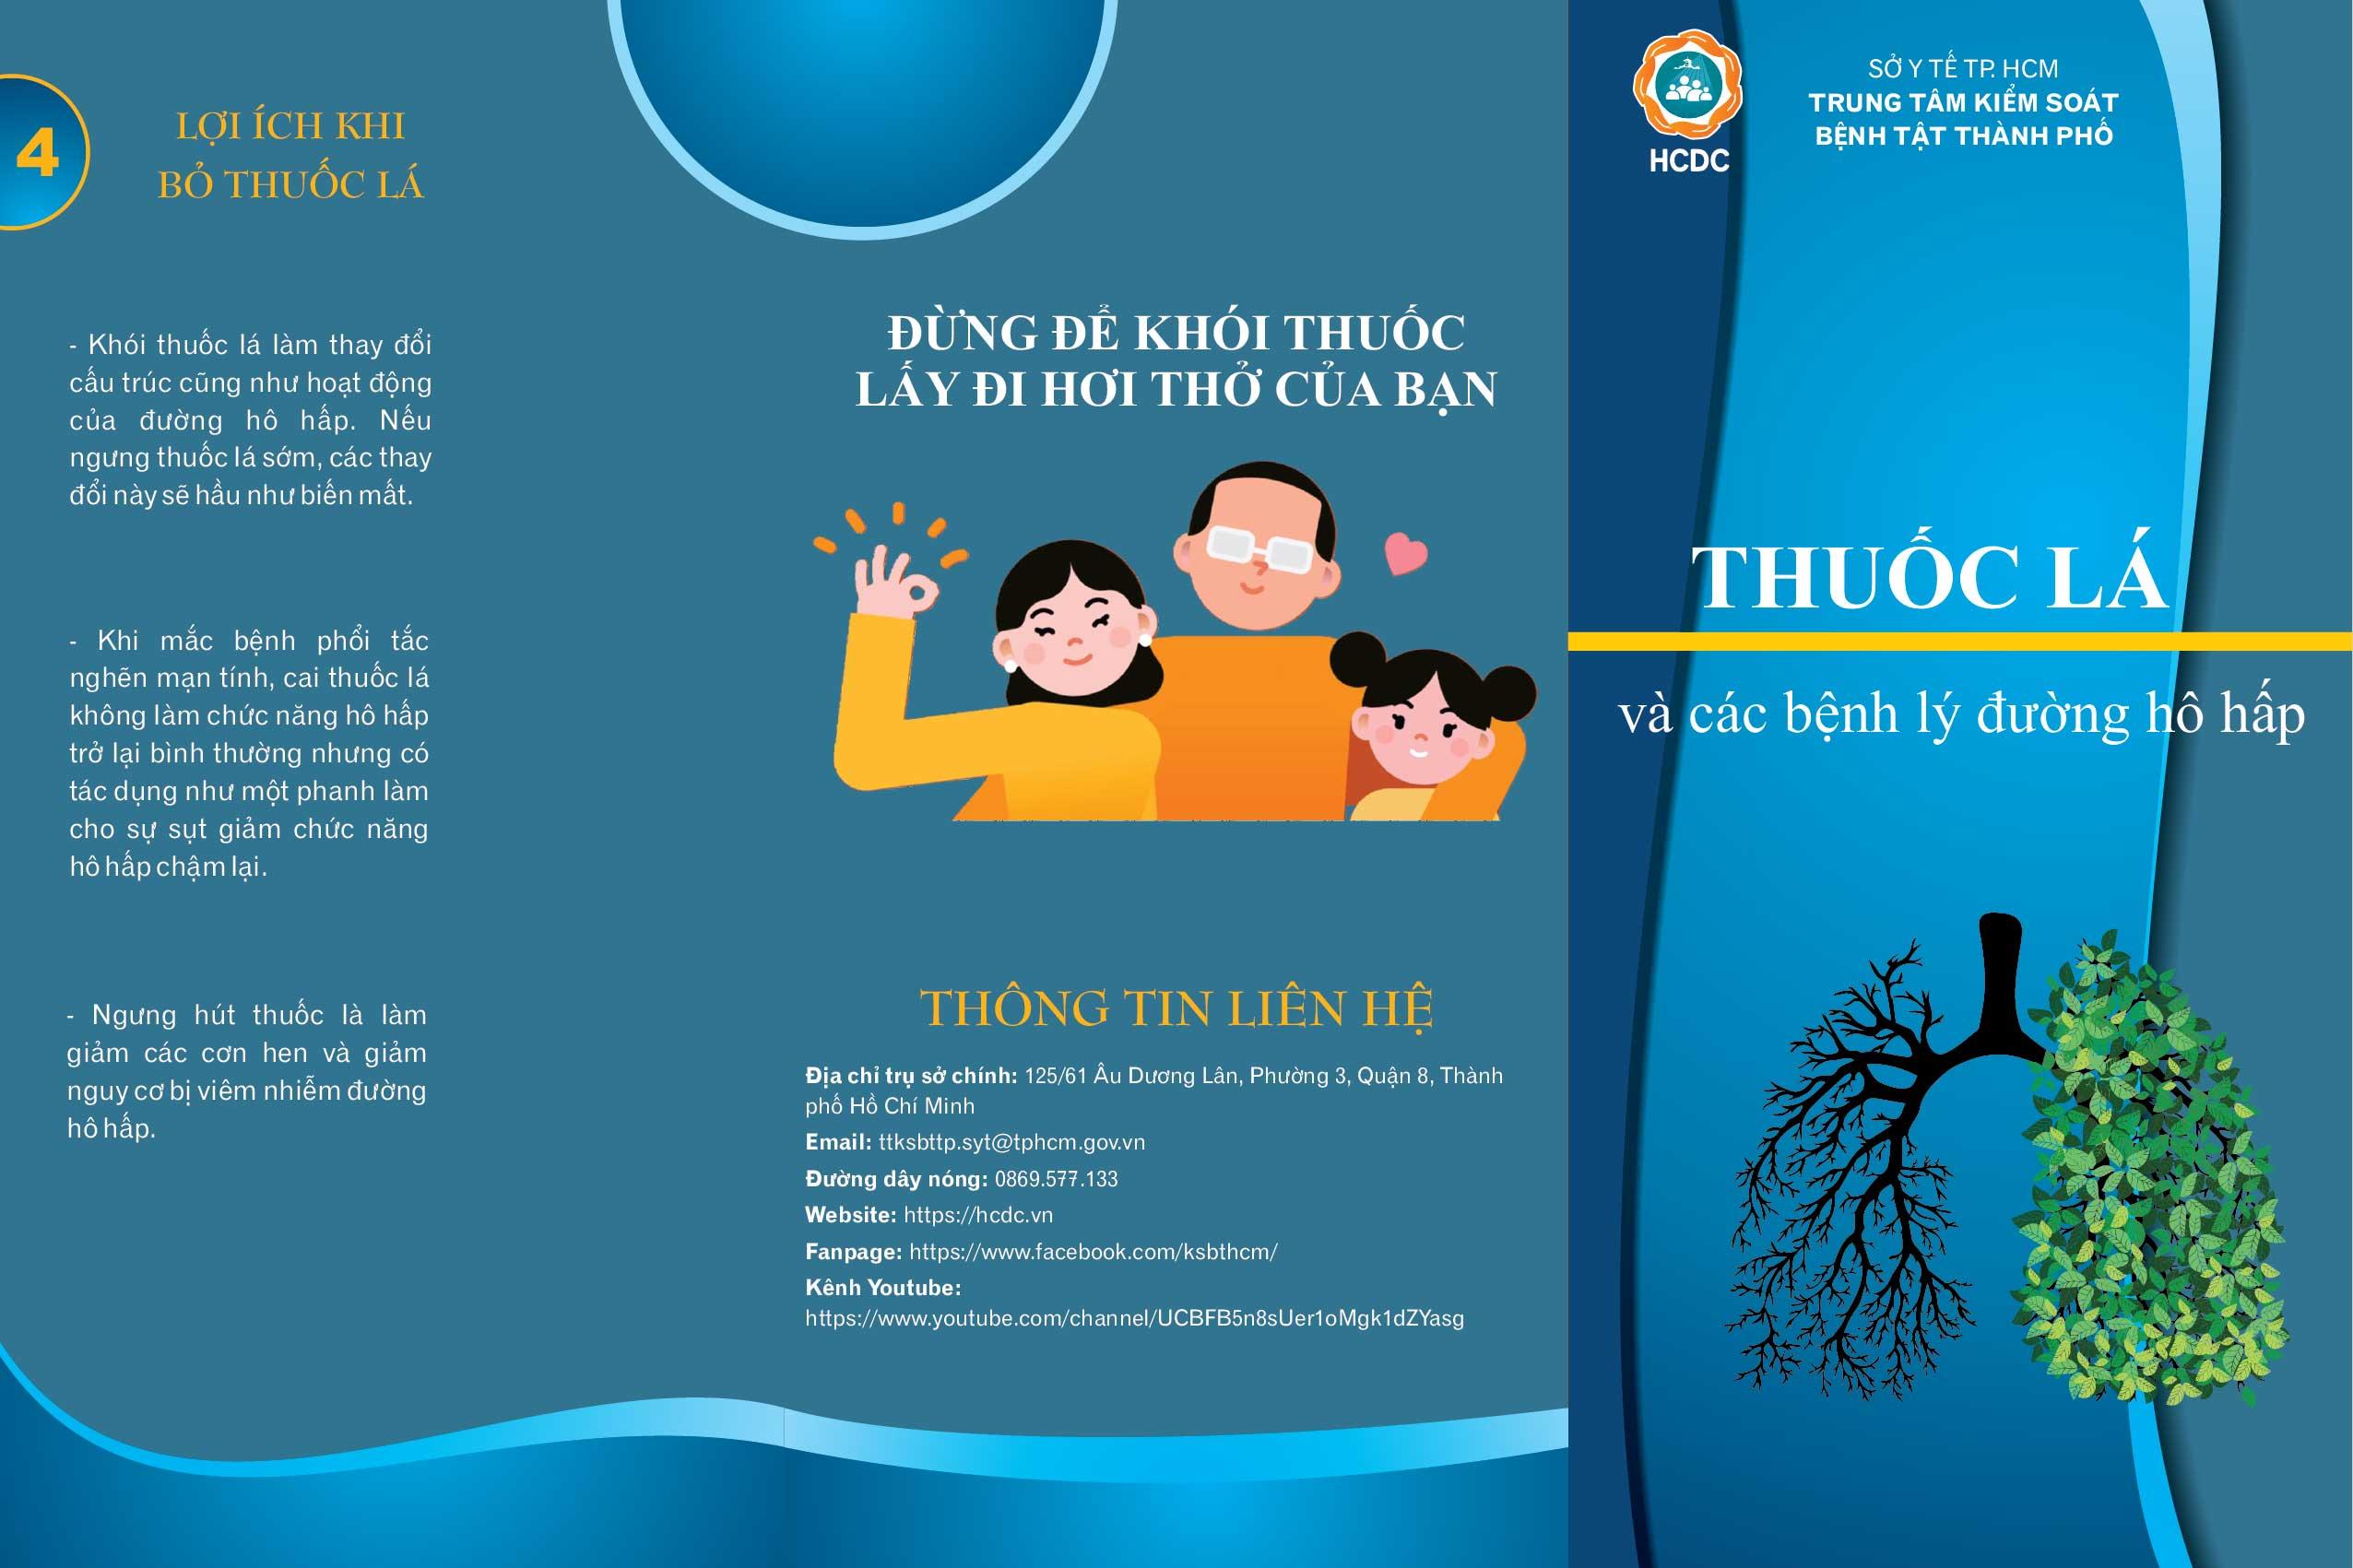 Thuốc lá và các bệnh lý đường hô hấp - Taimuihongsg.com